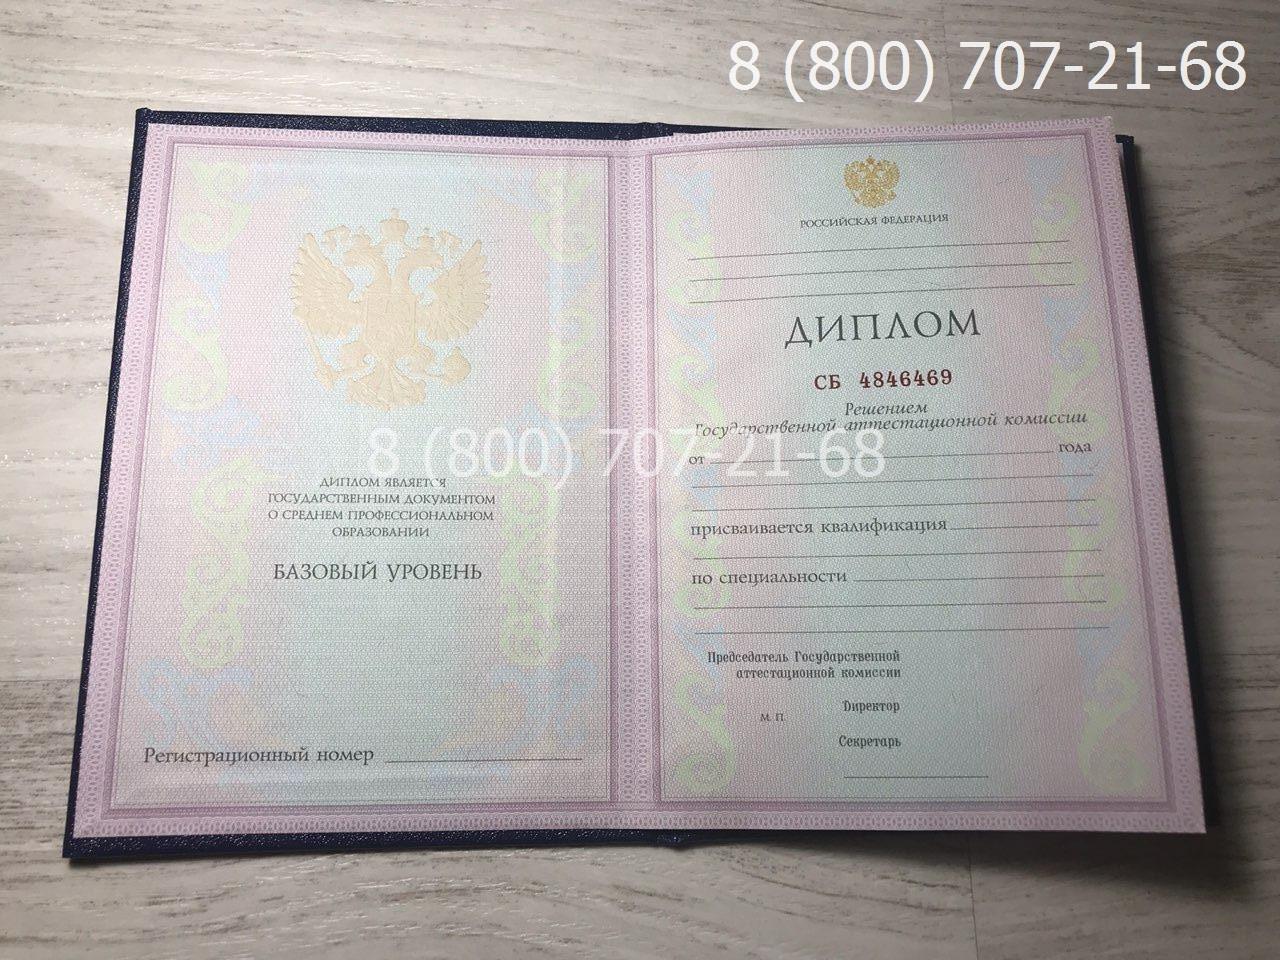 Диплом техникума 1997-2003 годов-1